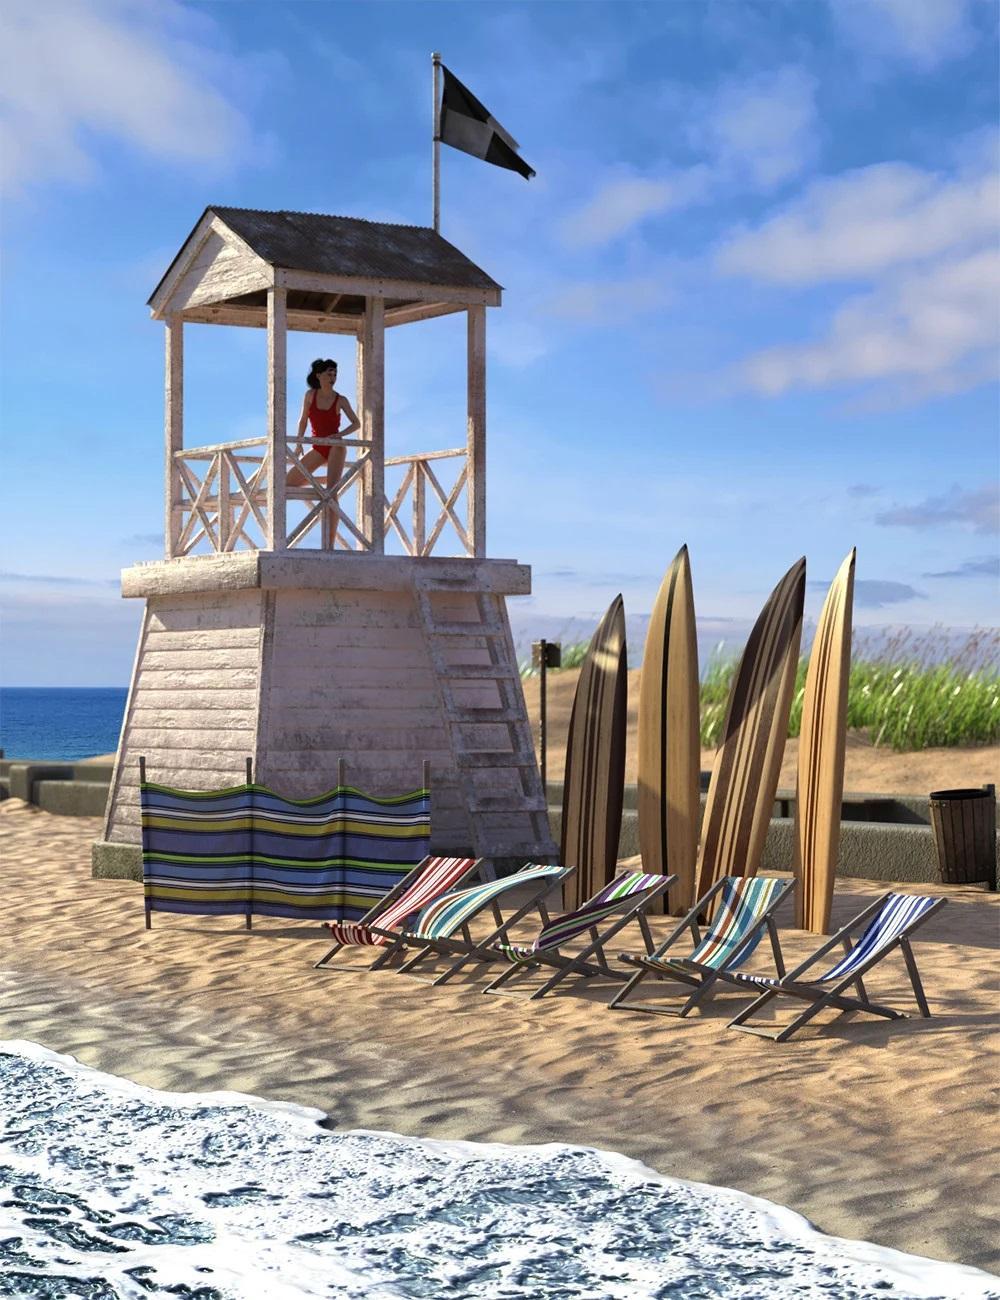 Seaside Walkway Vignette